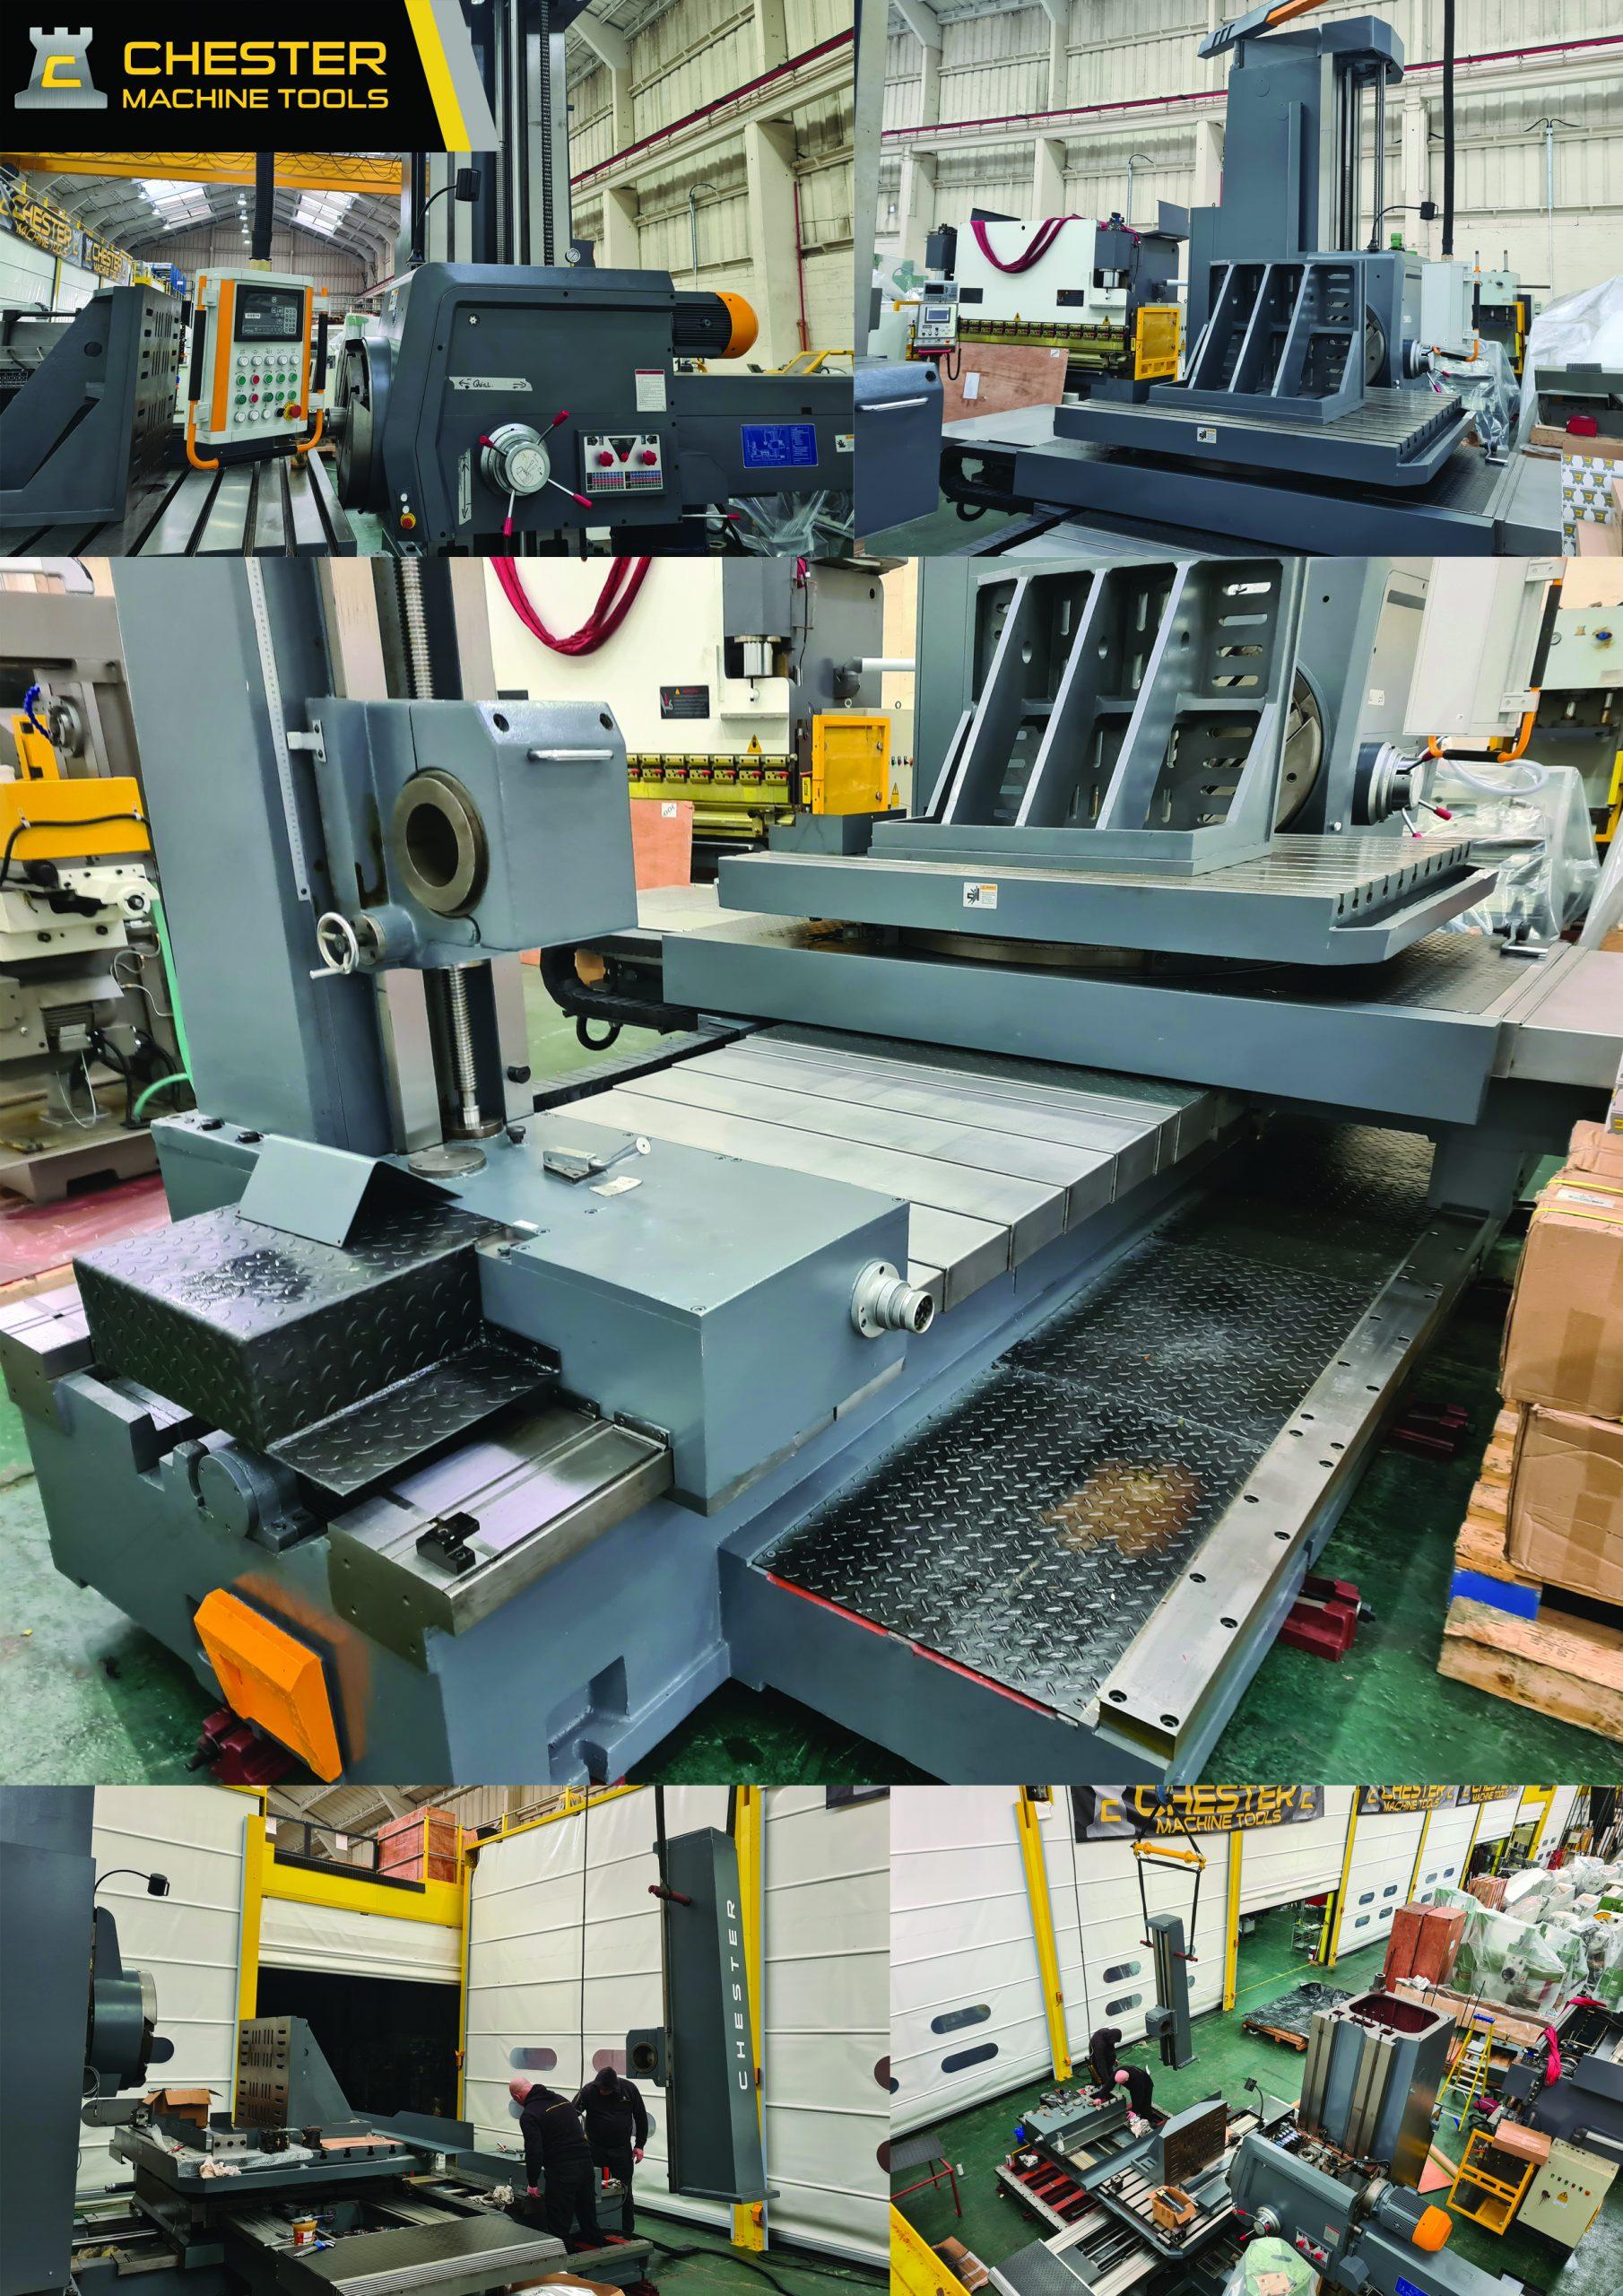 Custom Build of A Chester HB130-2 Borer